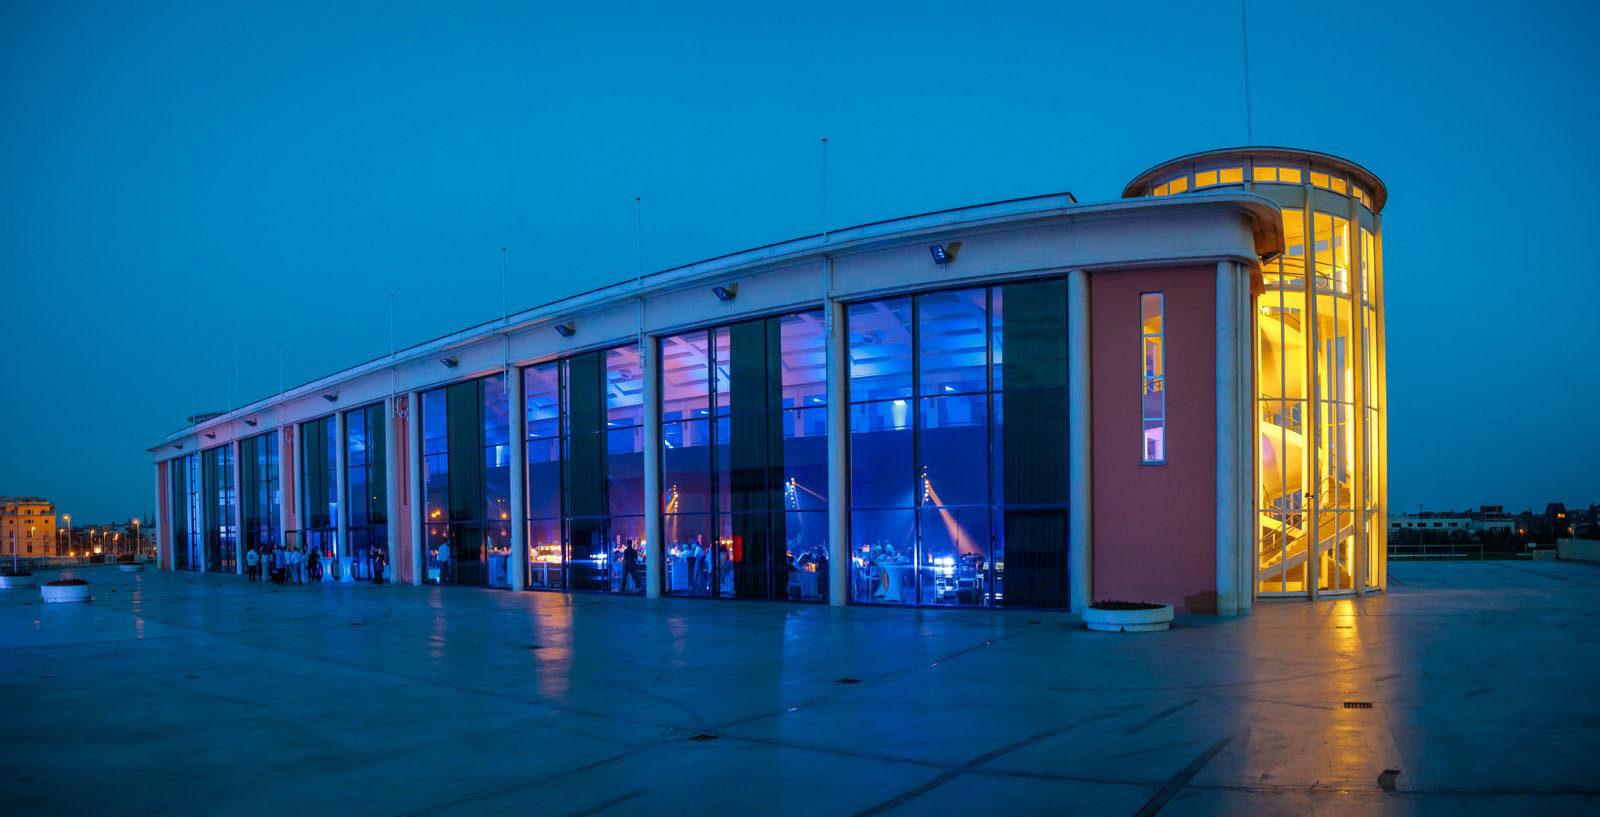 De verlichte Hippodroom in de avondschemering